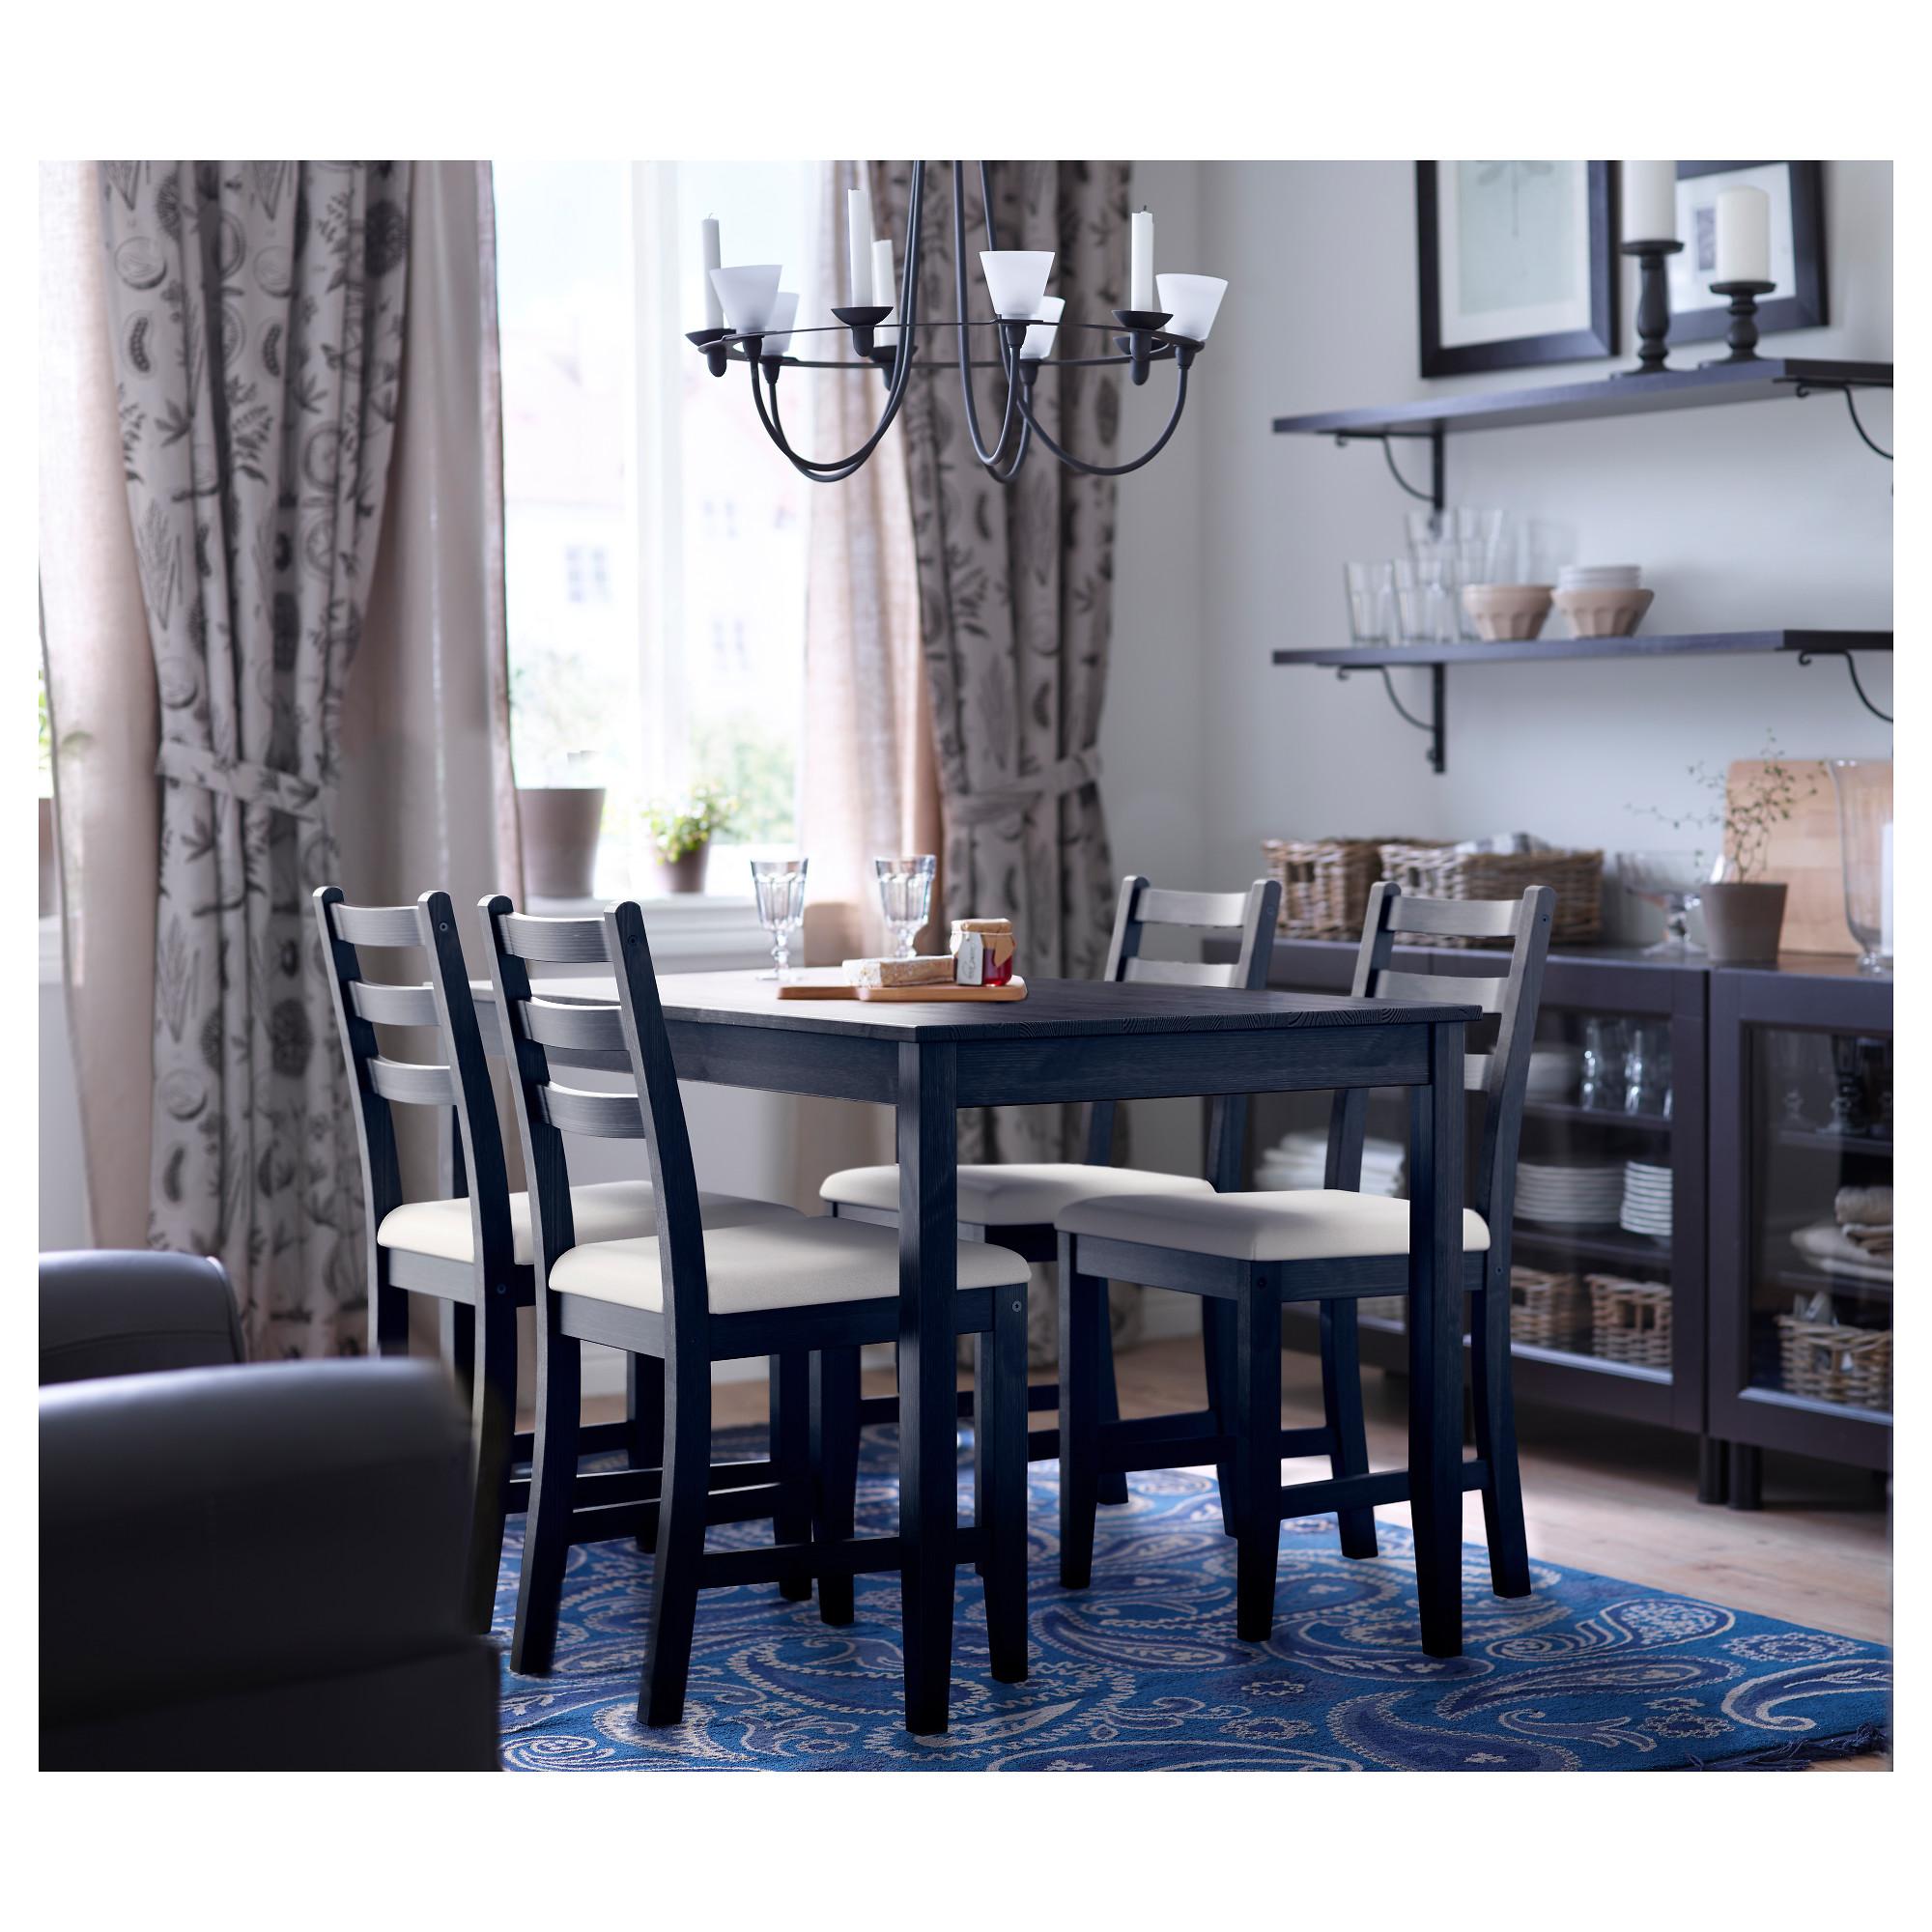 Черный стол и стулья в интерьере фото